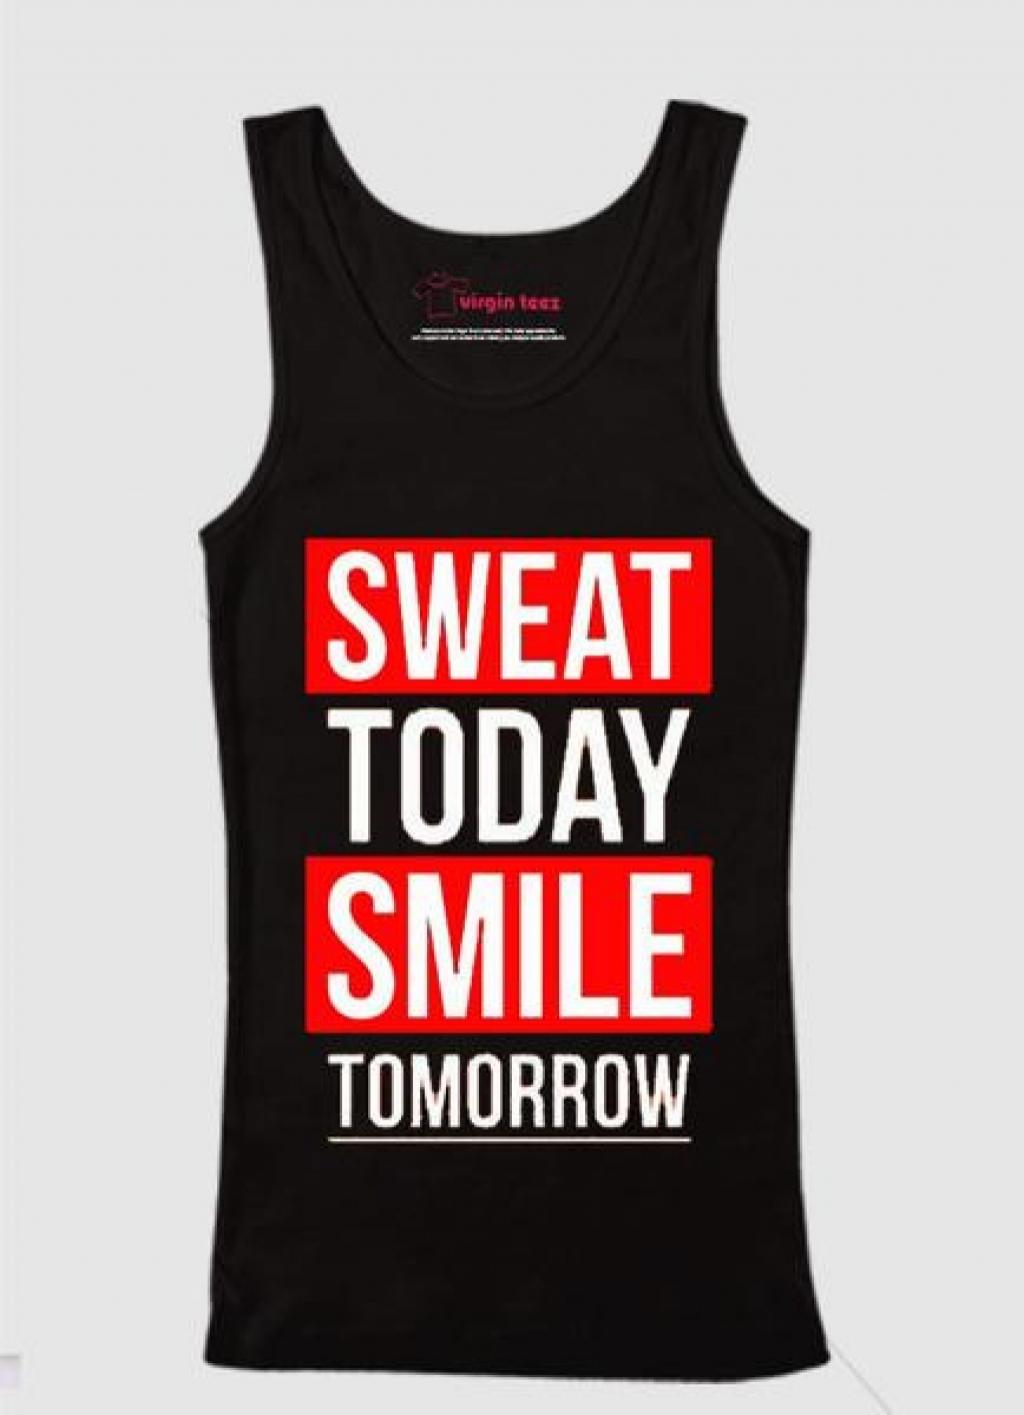 14998614660_Sweat_Today_Smile_Tomorrow_Tank_Top.jpg